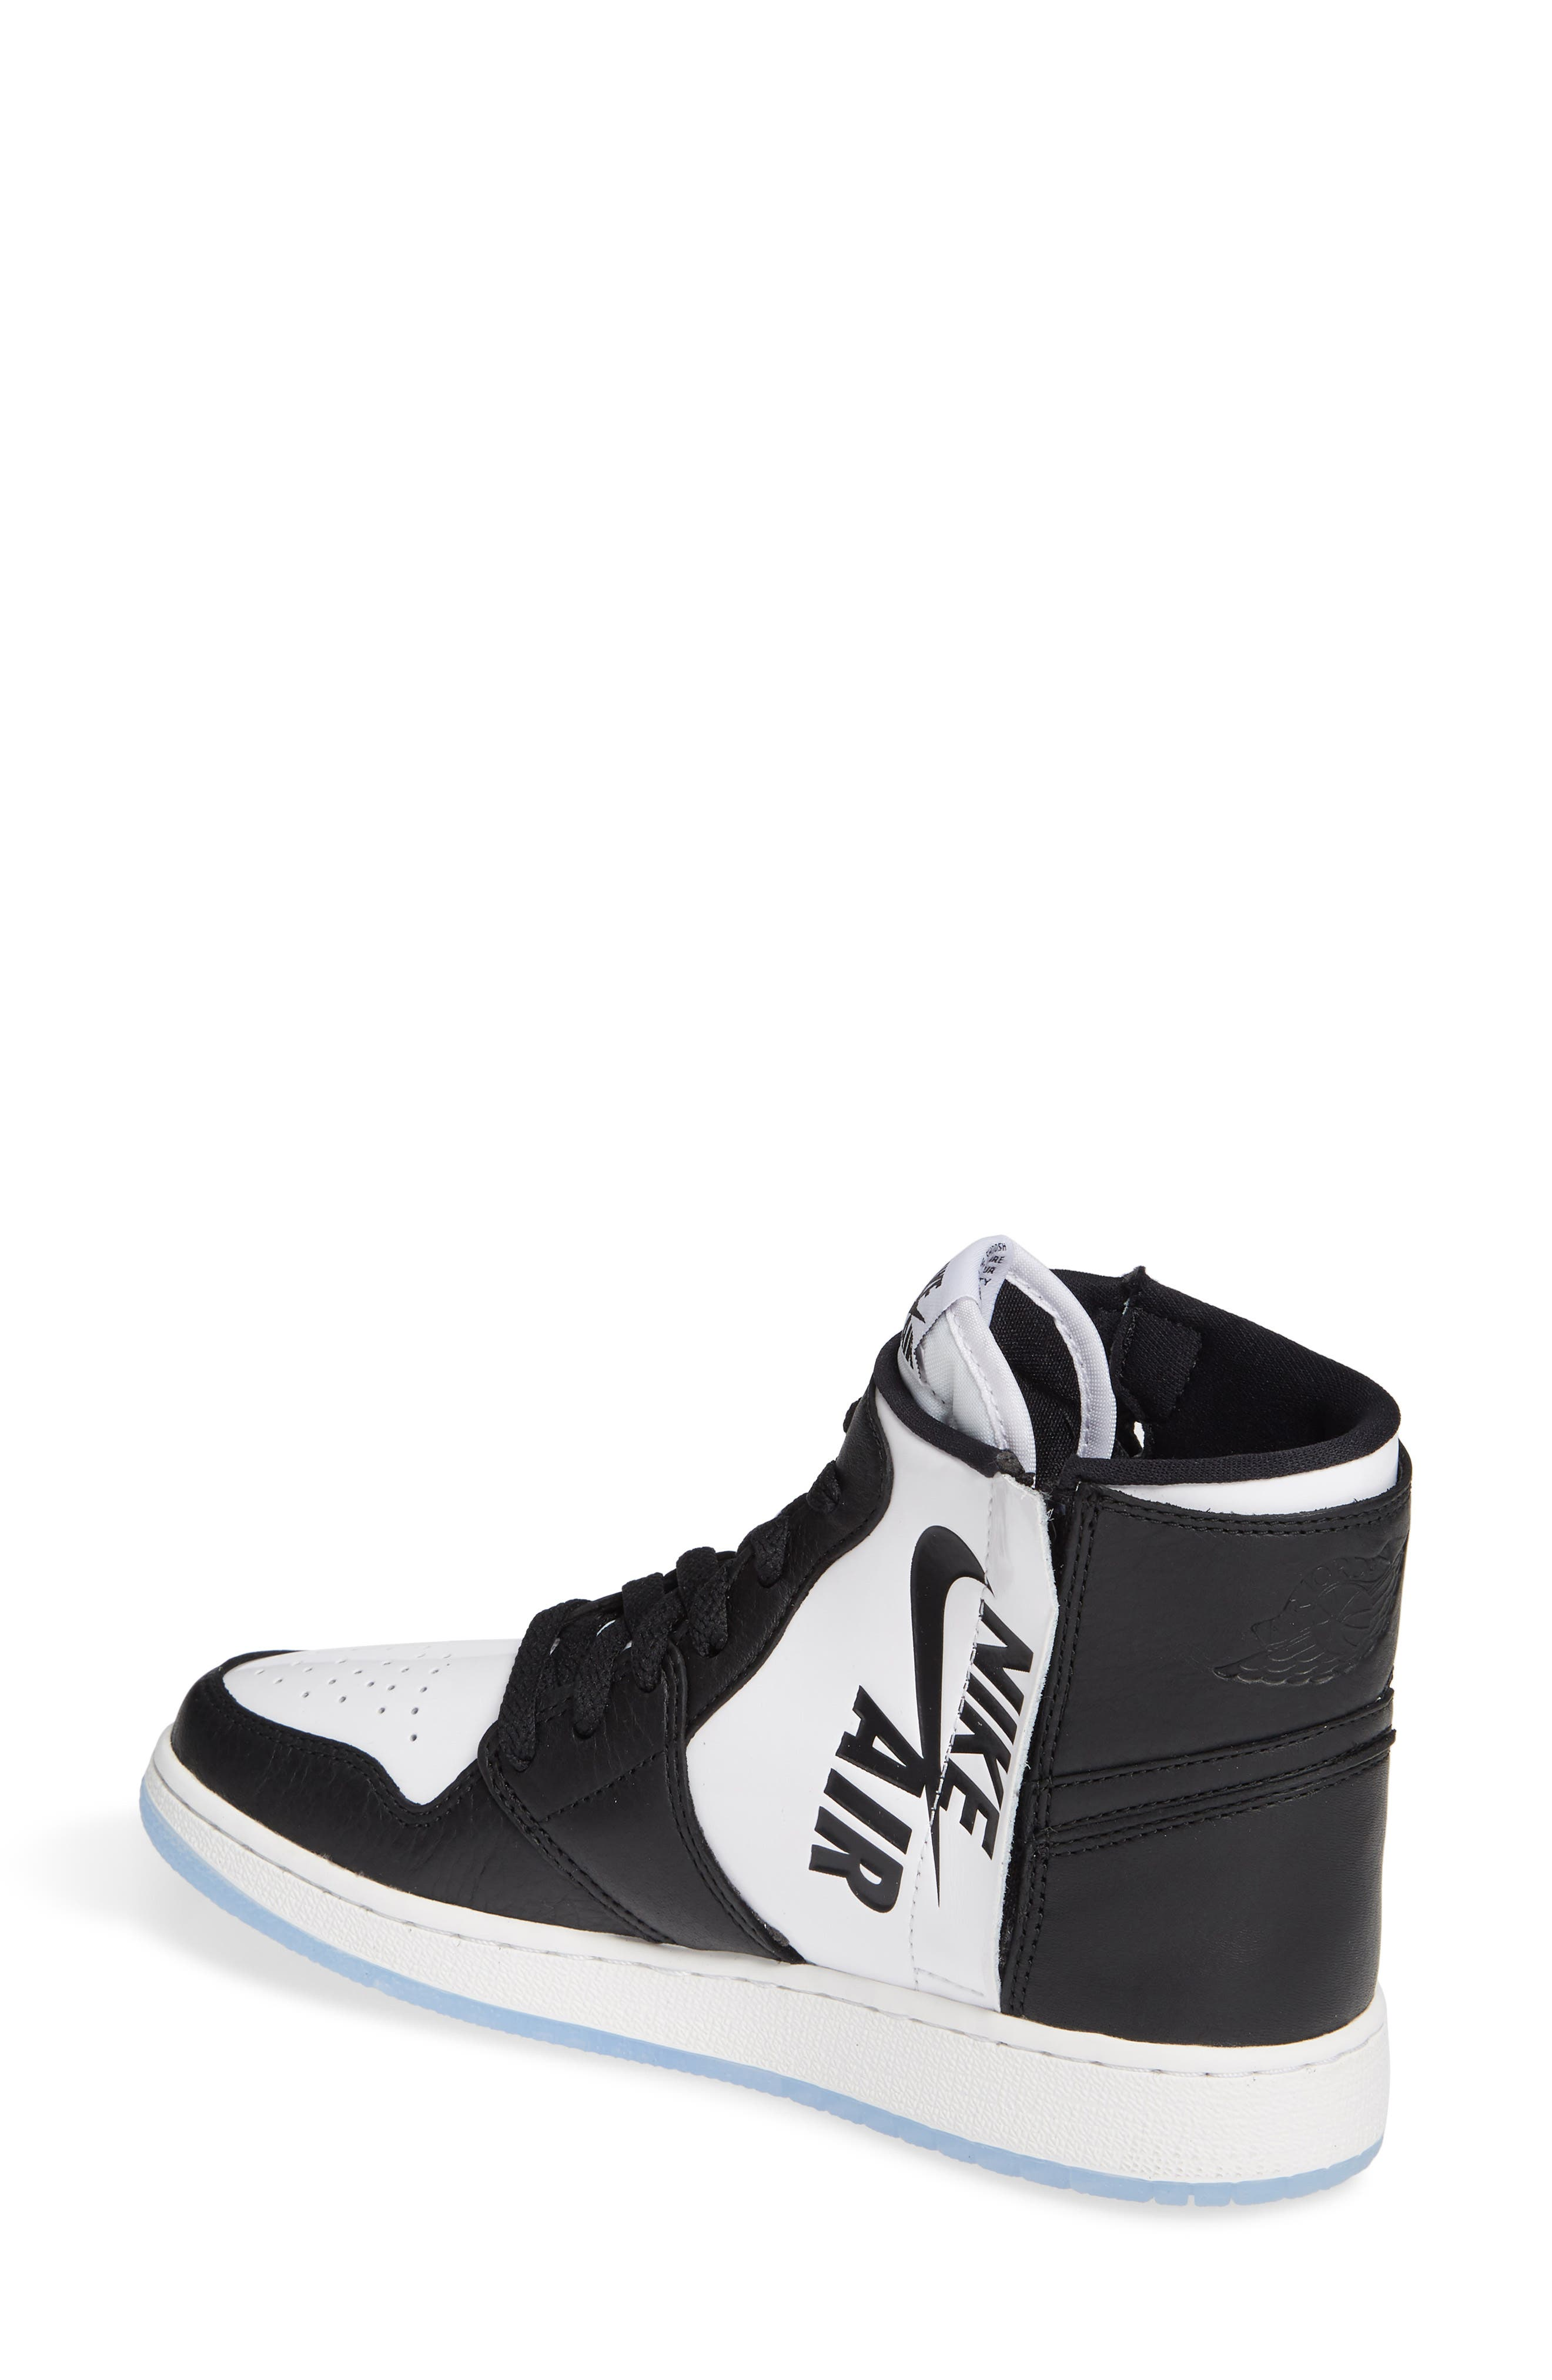 NIKE, Air Jordan 1 Rebel XX High Top Sneaker, Alternate thumbnail 2, color, BLACK/ BLACK